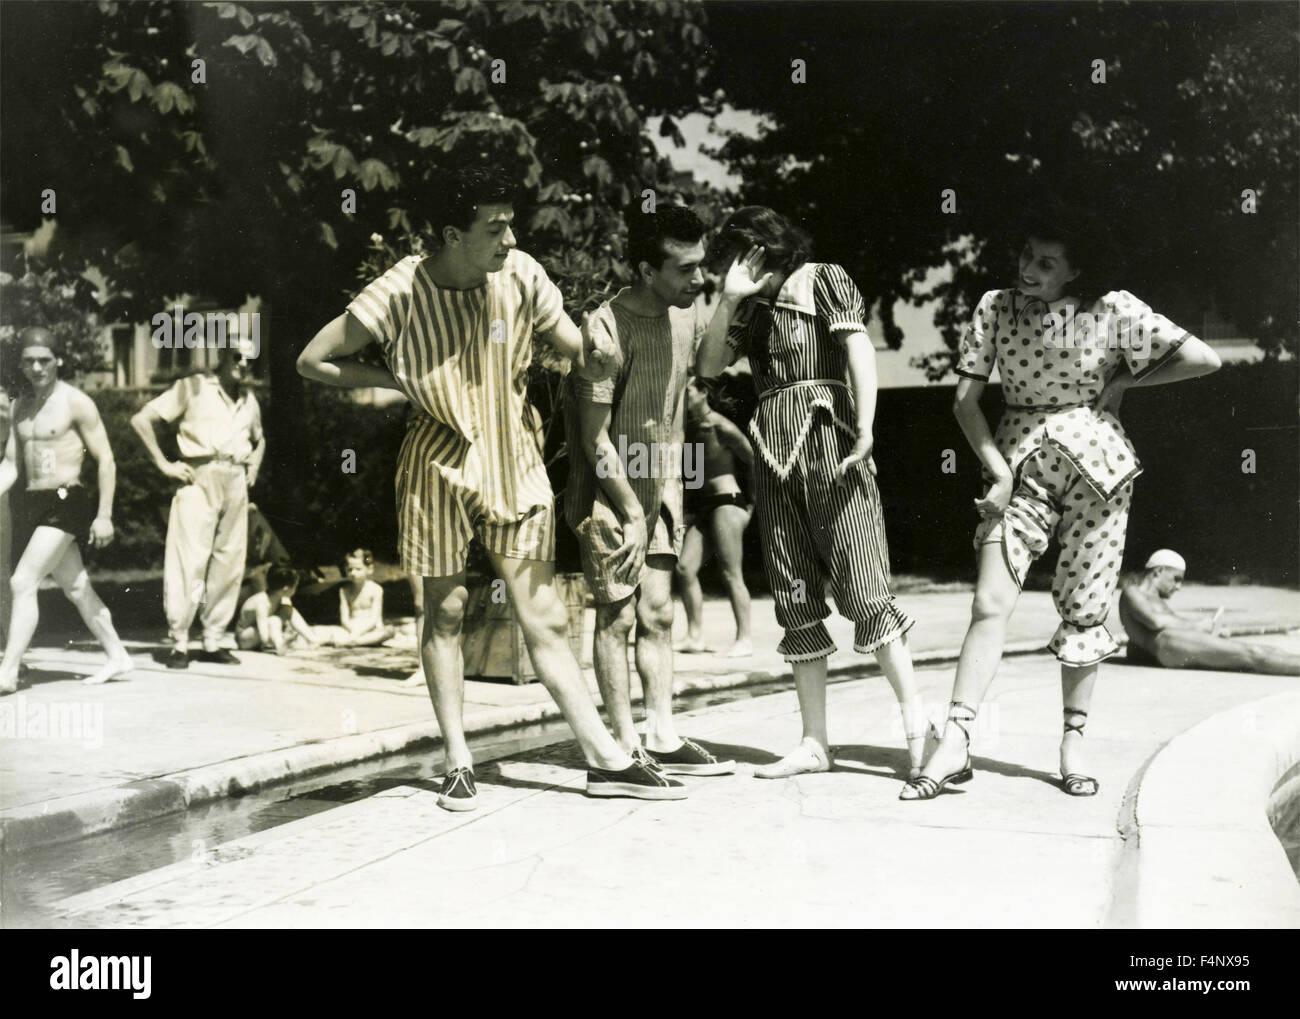 Deux paires de jeunes avec un drôle de vêtements sur la banque d'une piscine Photo Stock